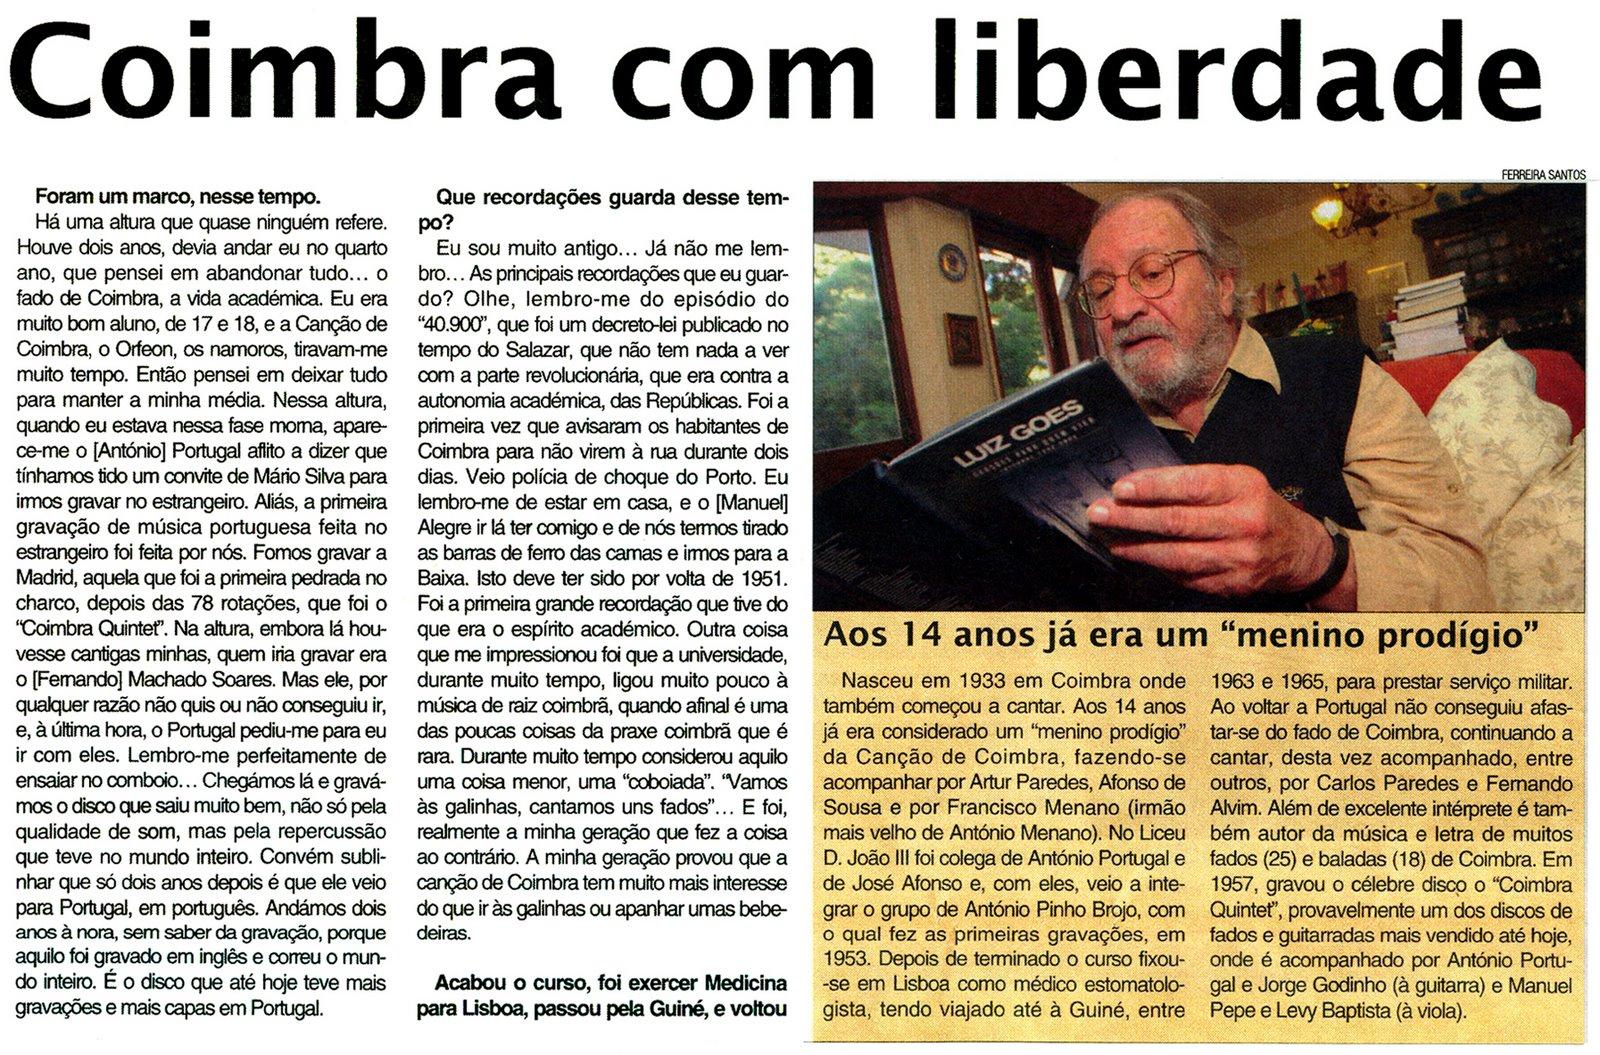 [Fado+de+Coimbra+5+DCoimbra+24-5-2007.jpg]